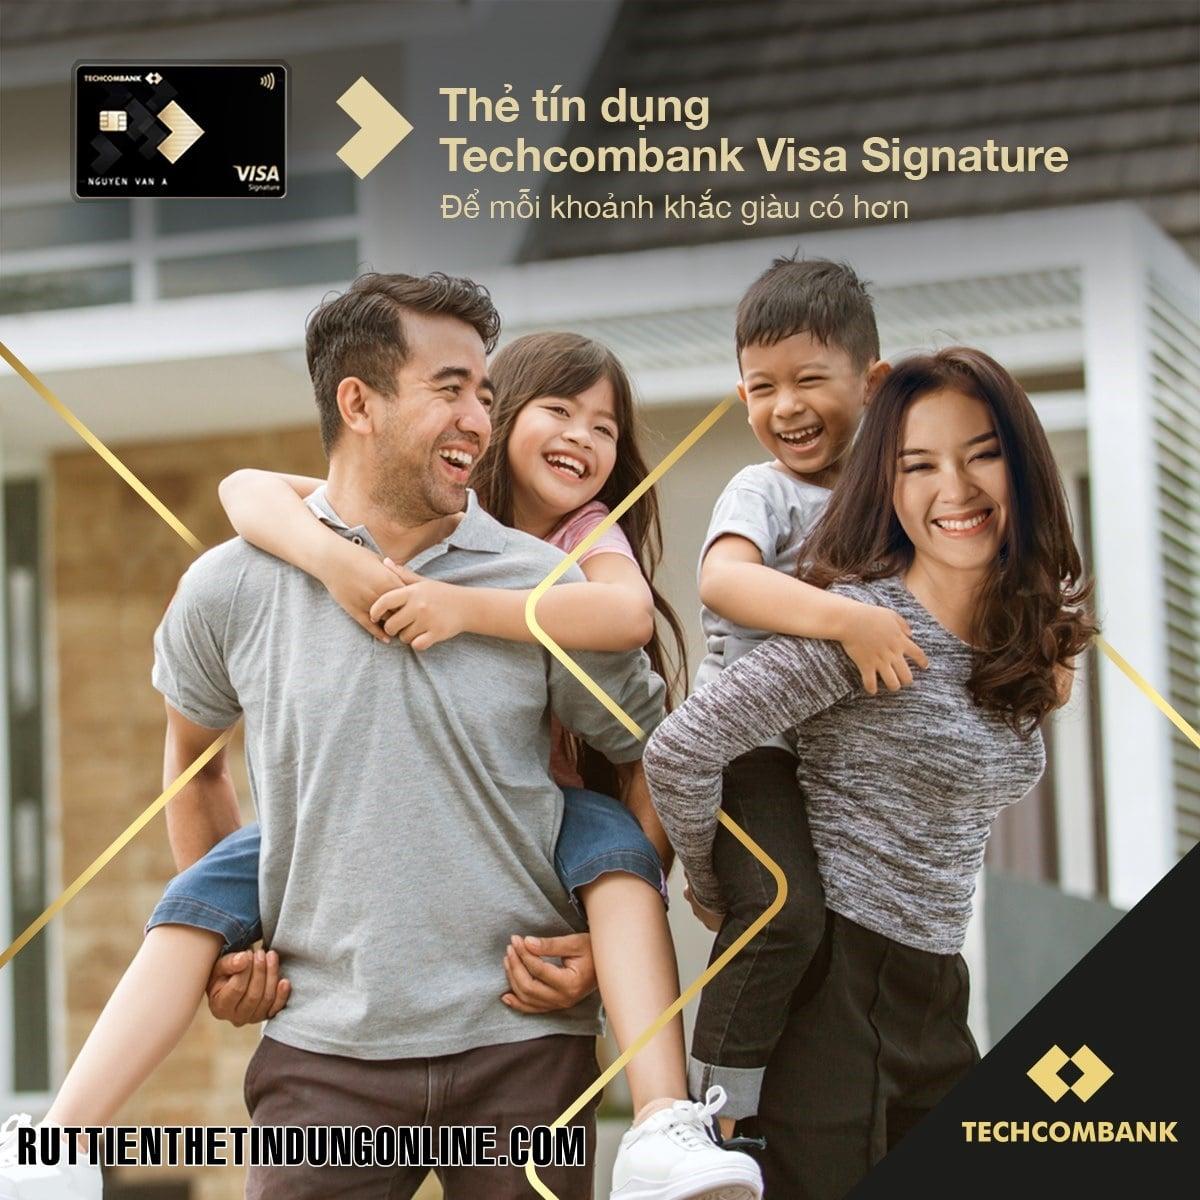 Lam the tin dung techcombank mat bao lau